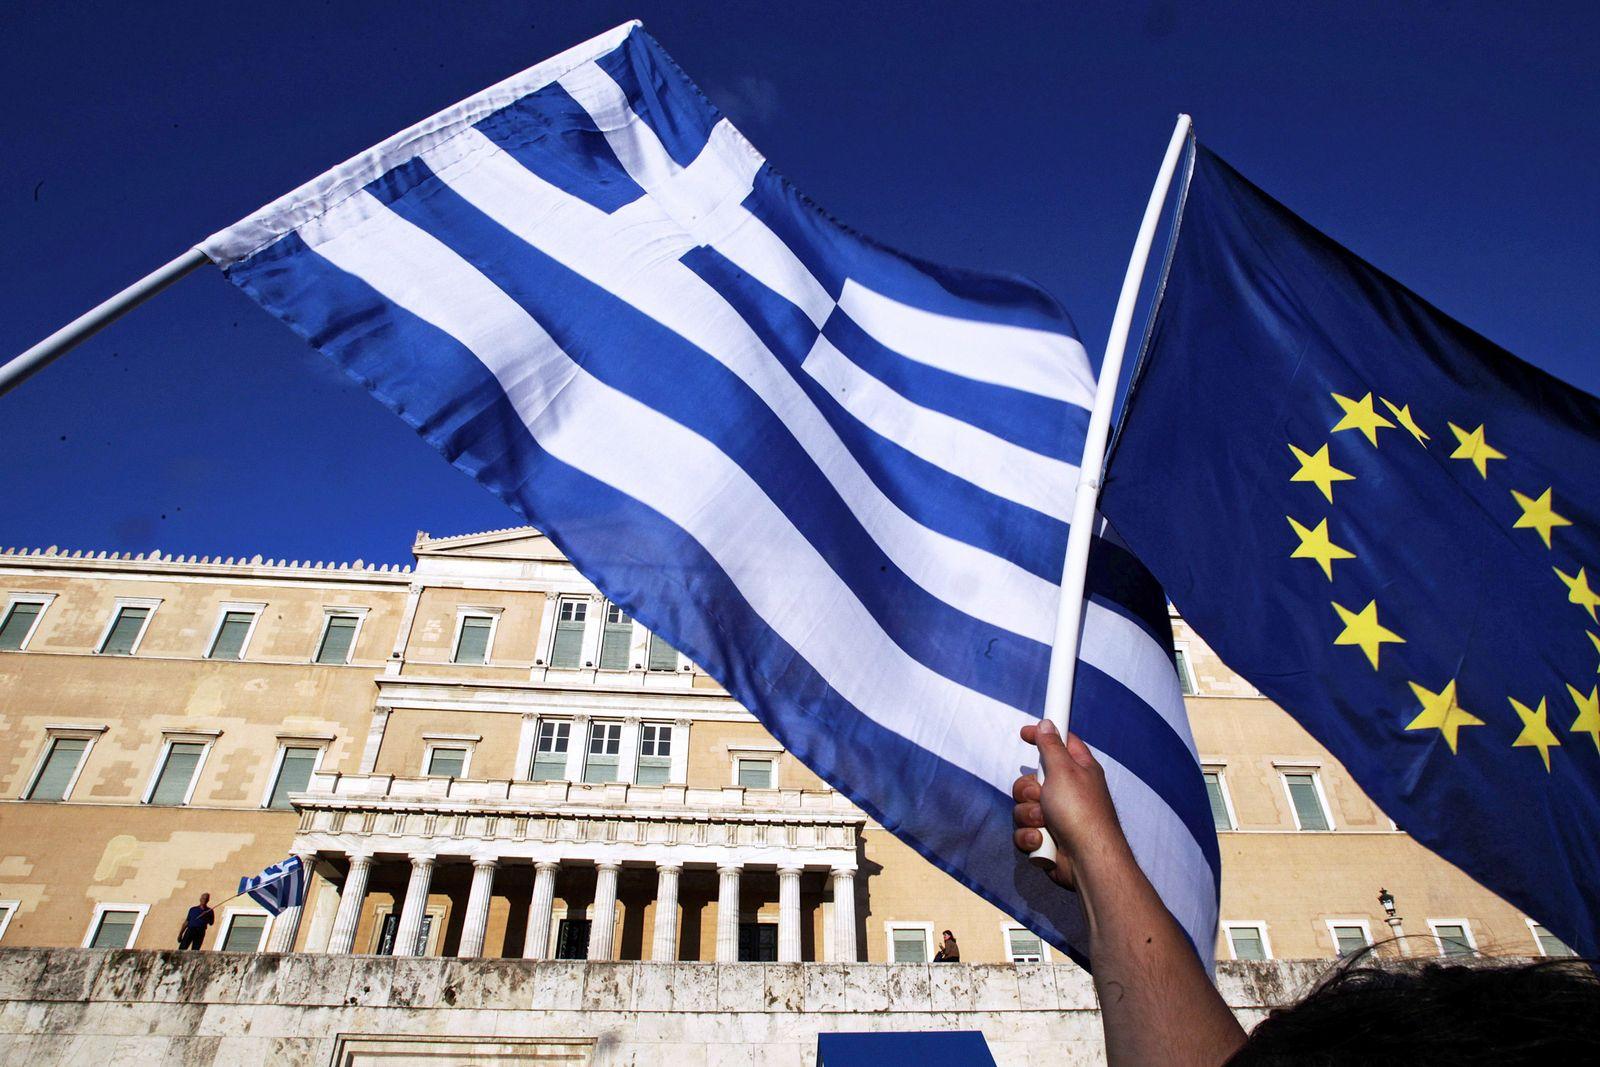 Griechenland / Konjunktur / Finanzkrise / Schulden /Schuldenkrise